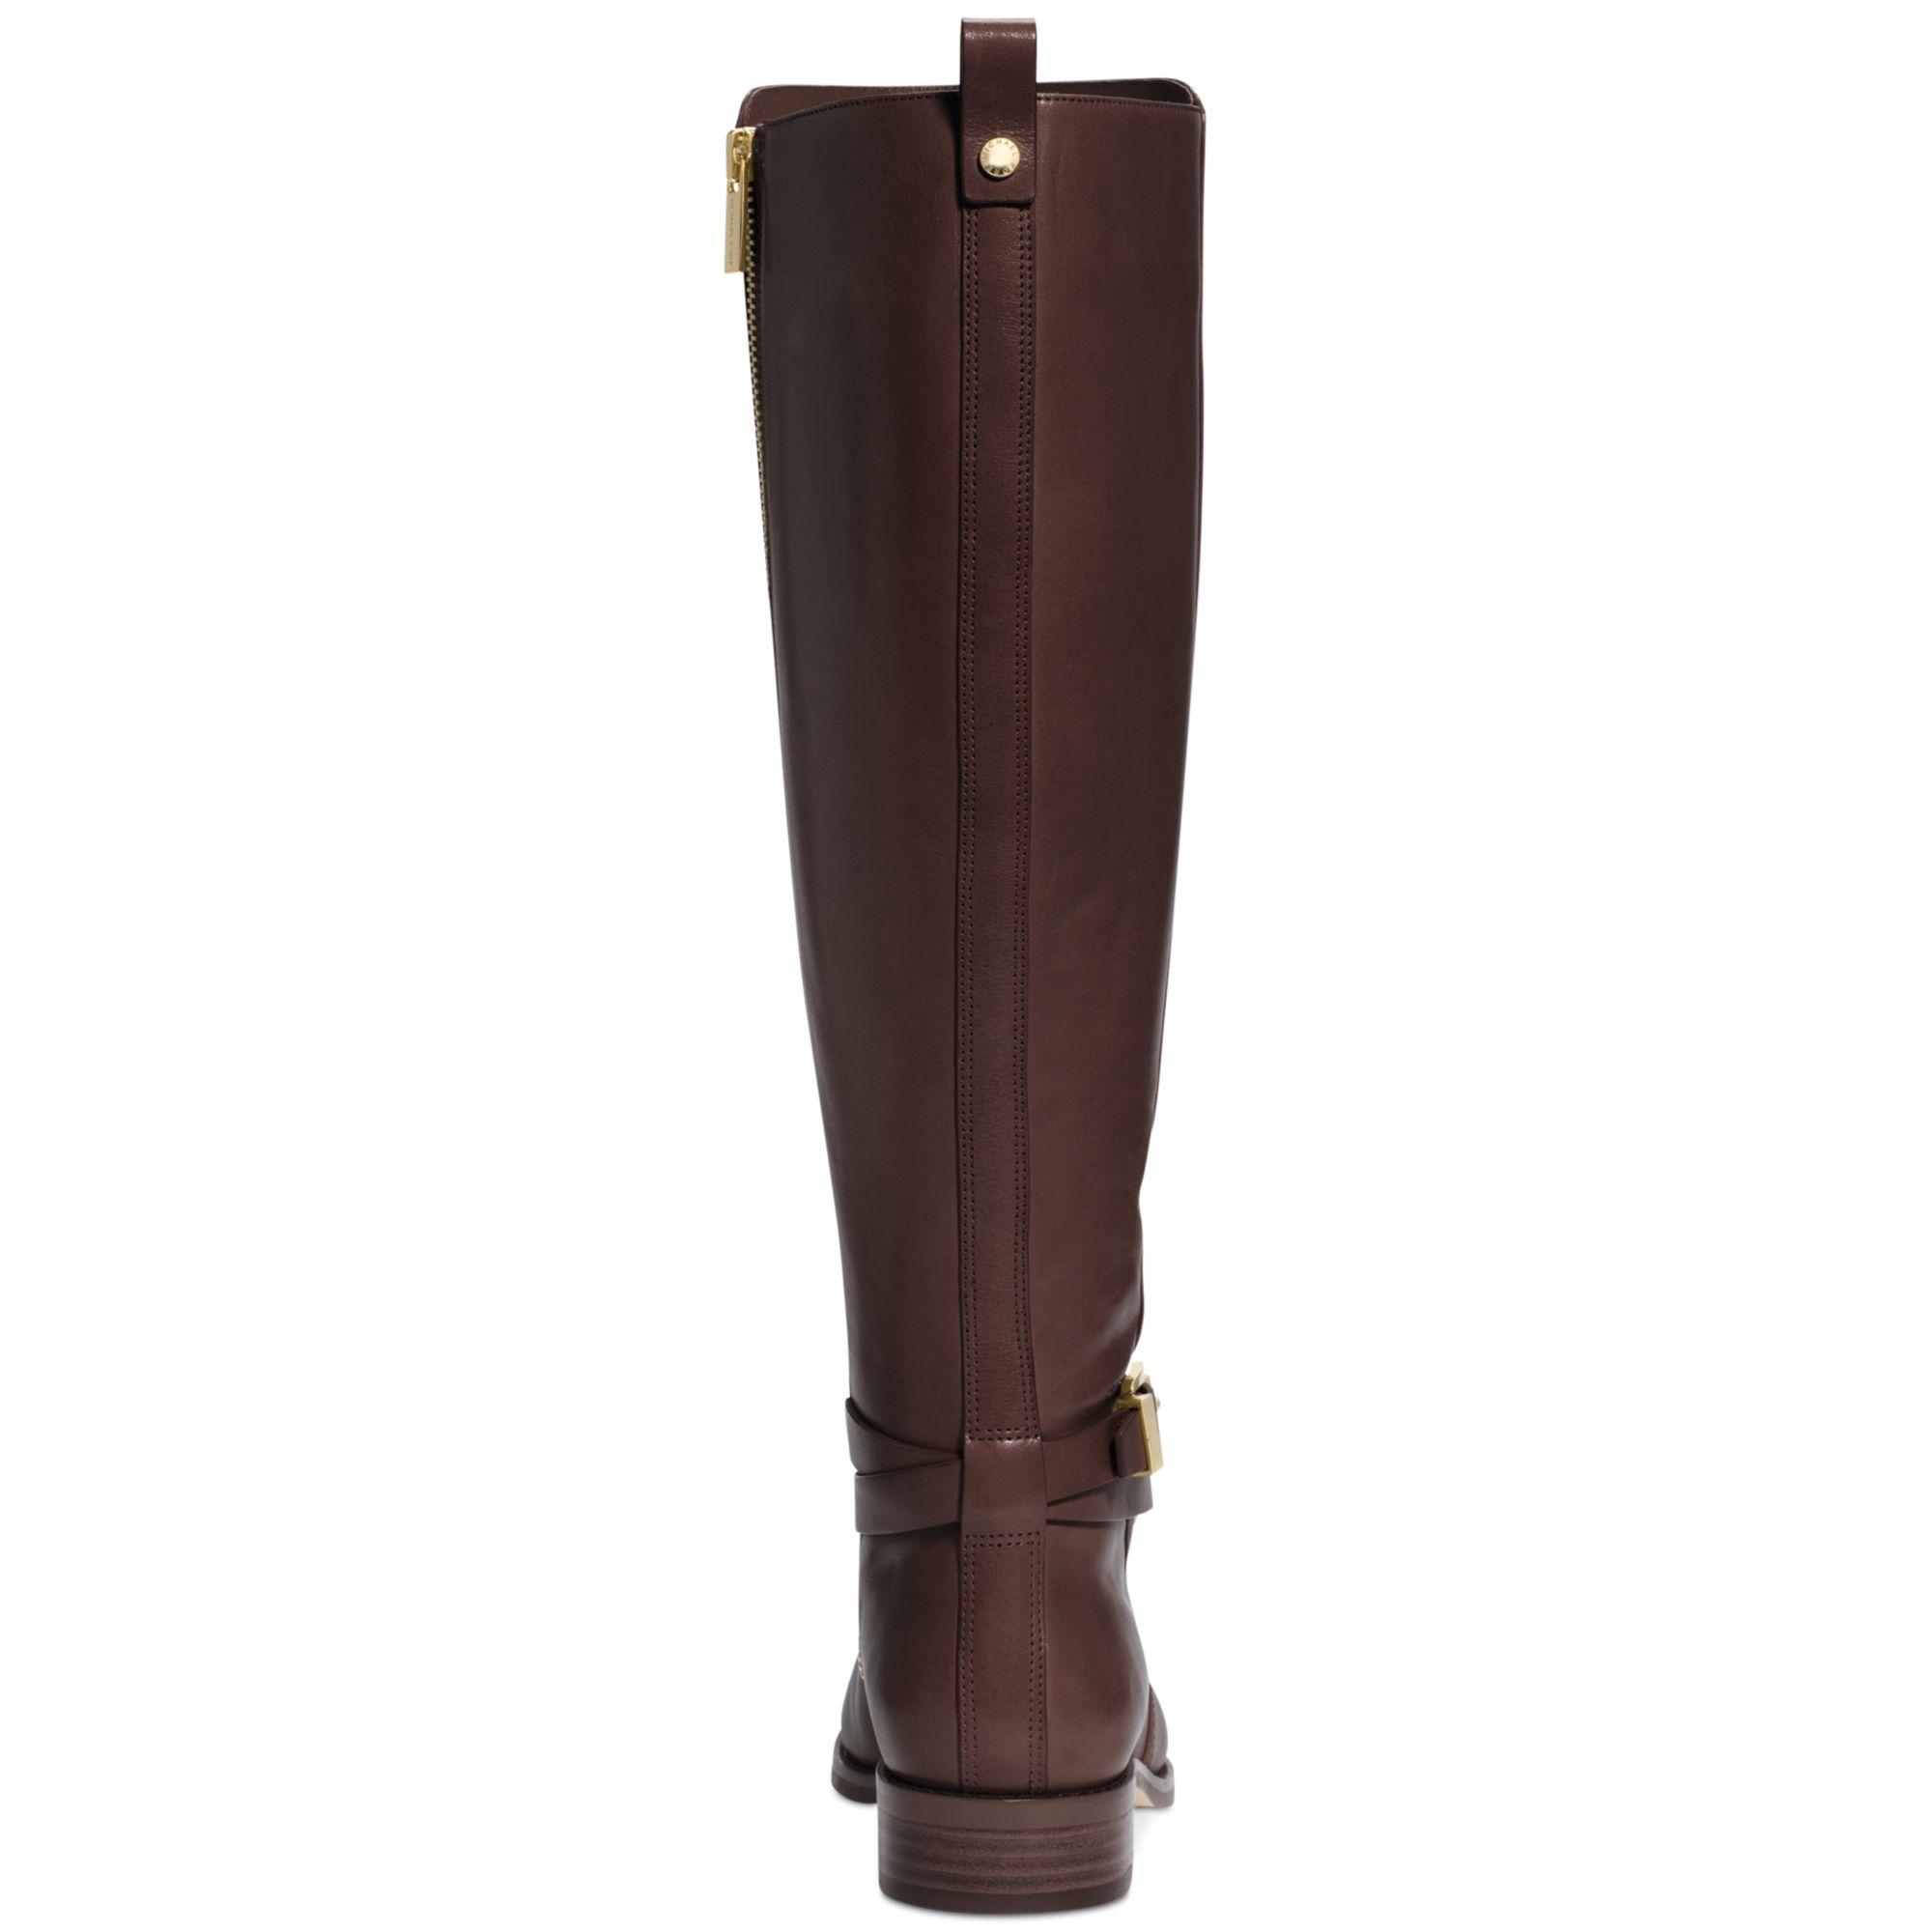 a6d0fc040ff Ugg Boots Usa Macys